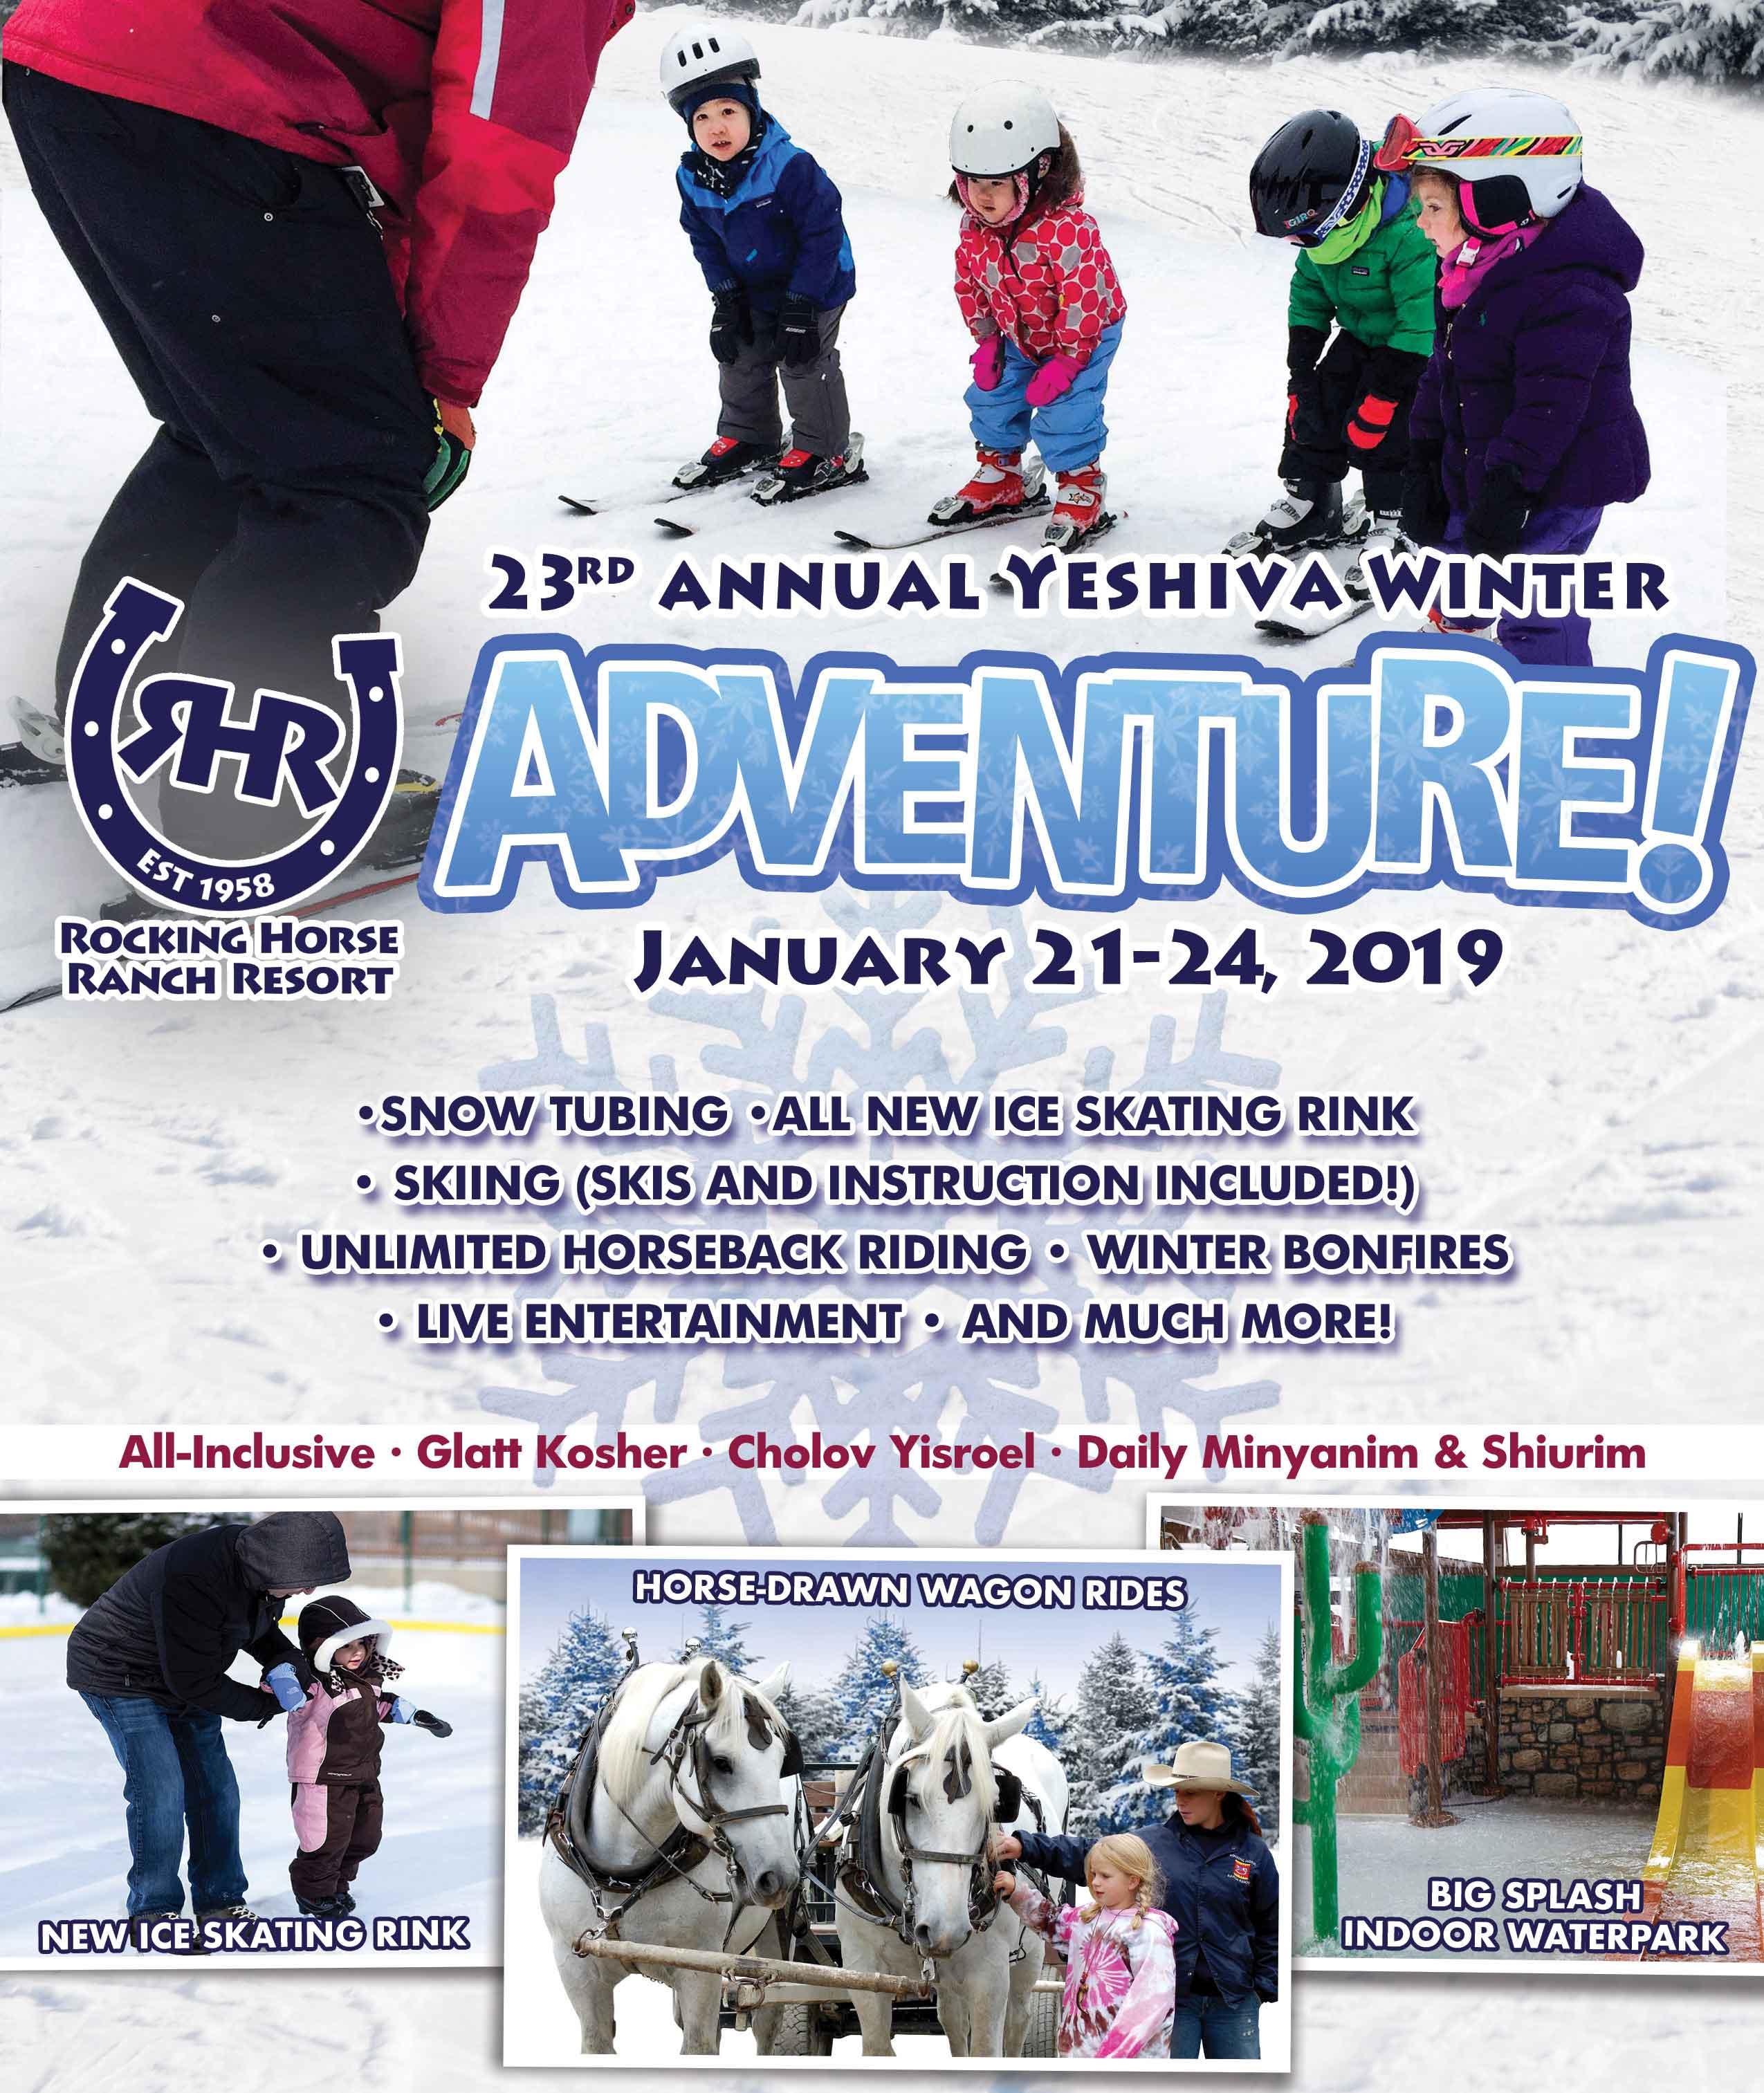 Yeshiva Winter Getaway - Rocking Horse Ranch Resort